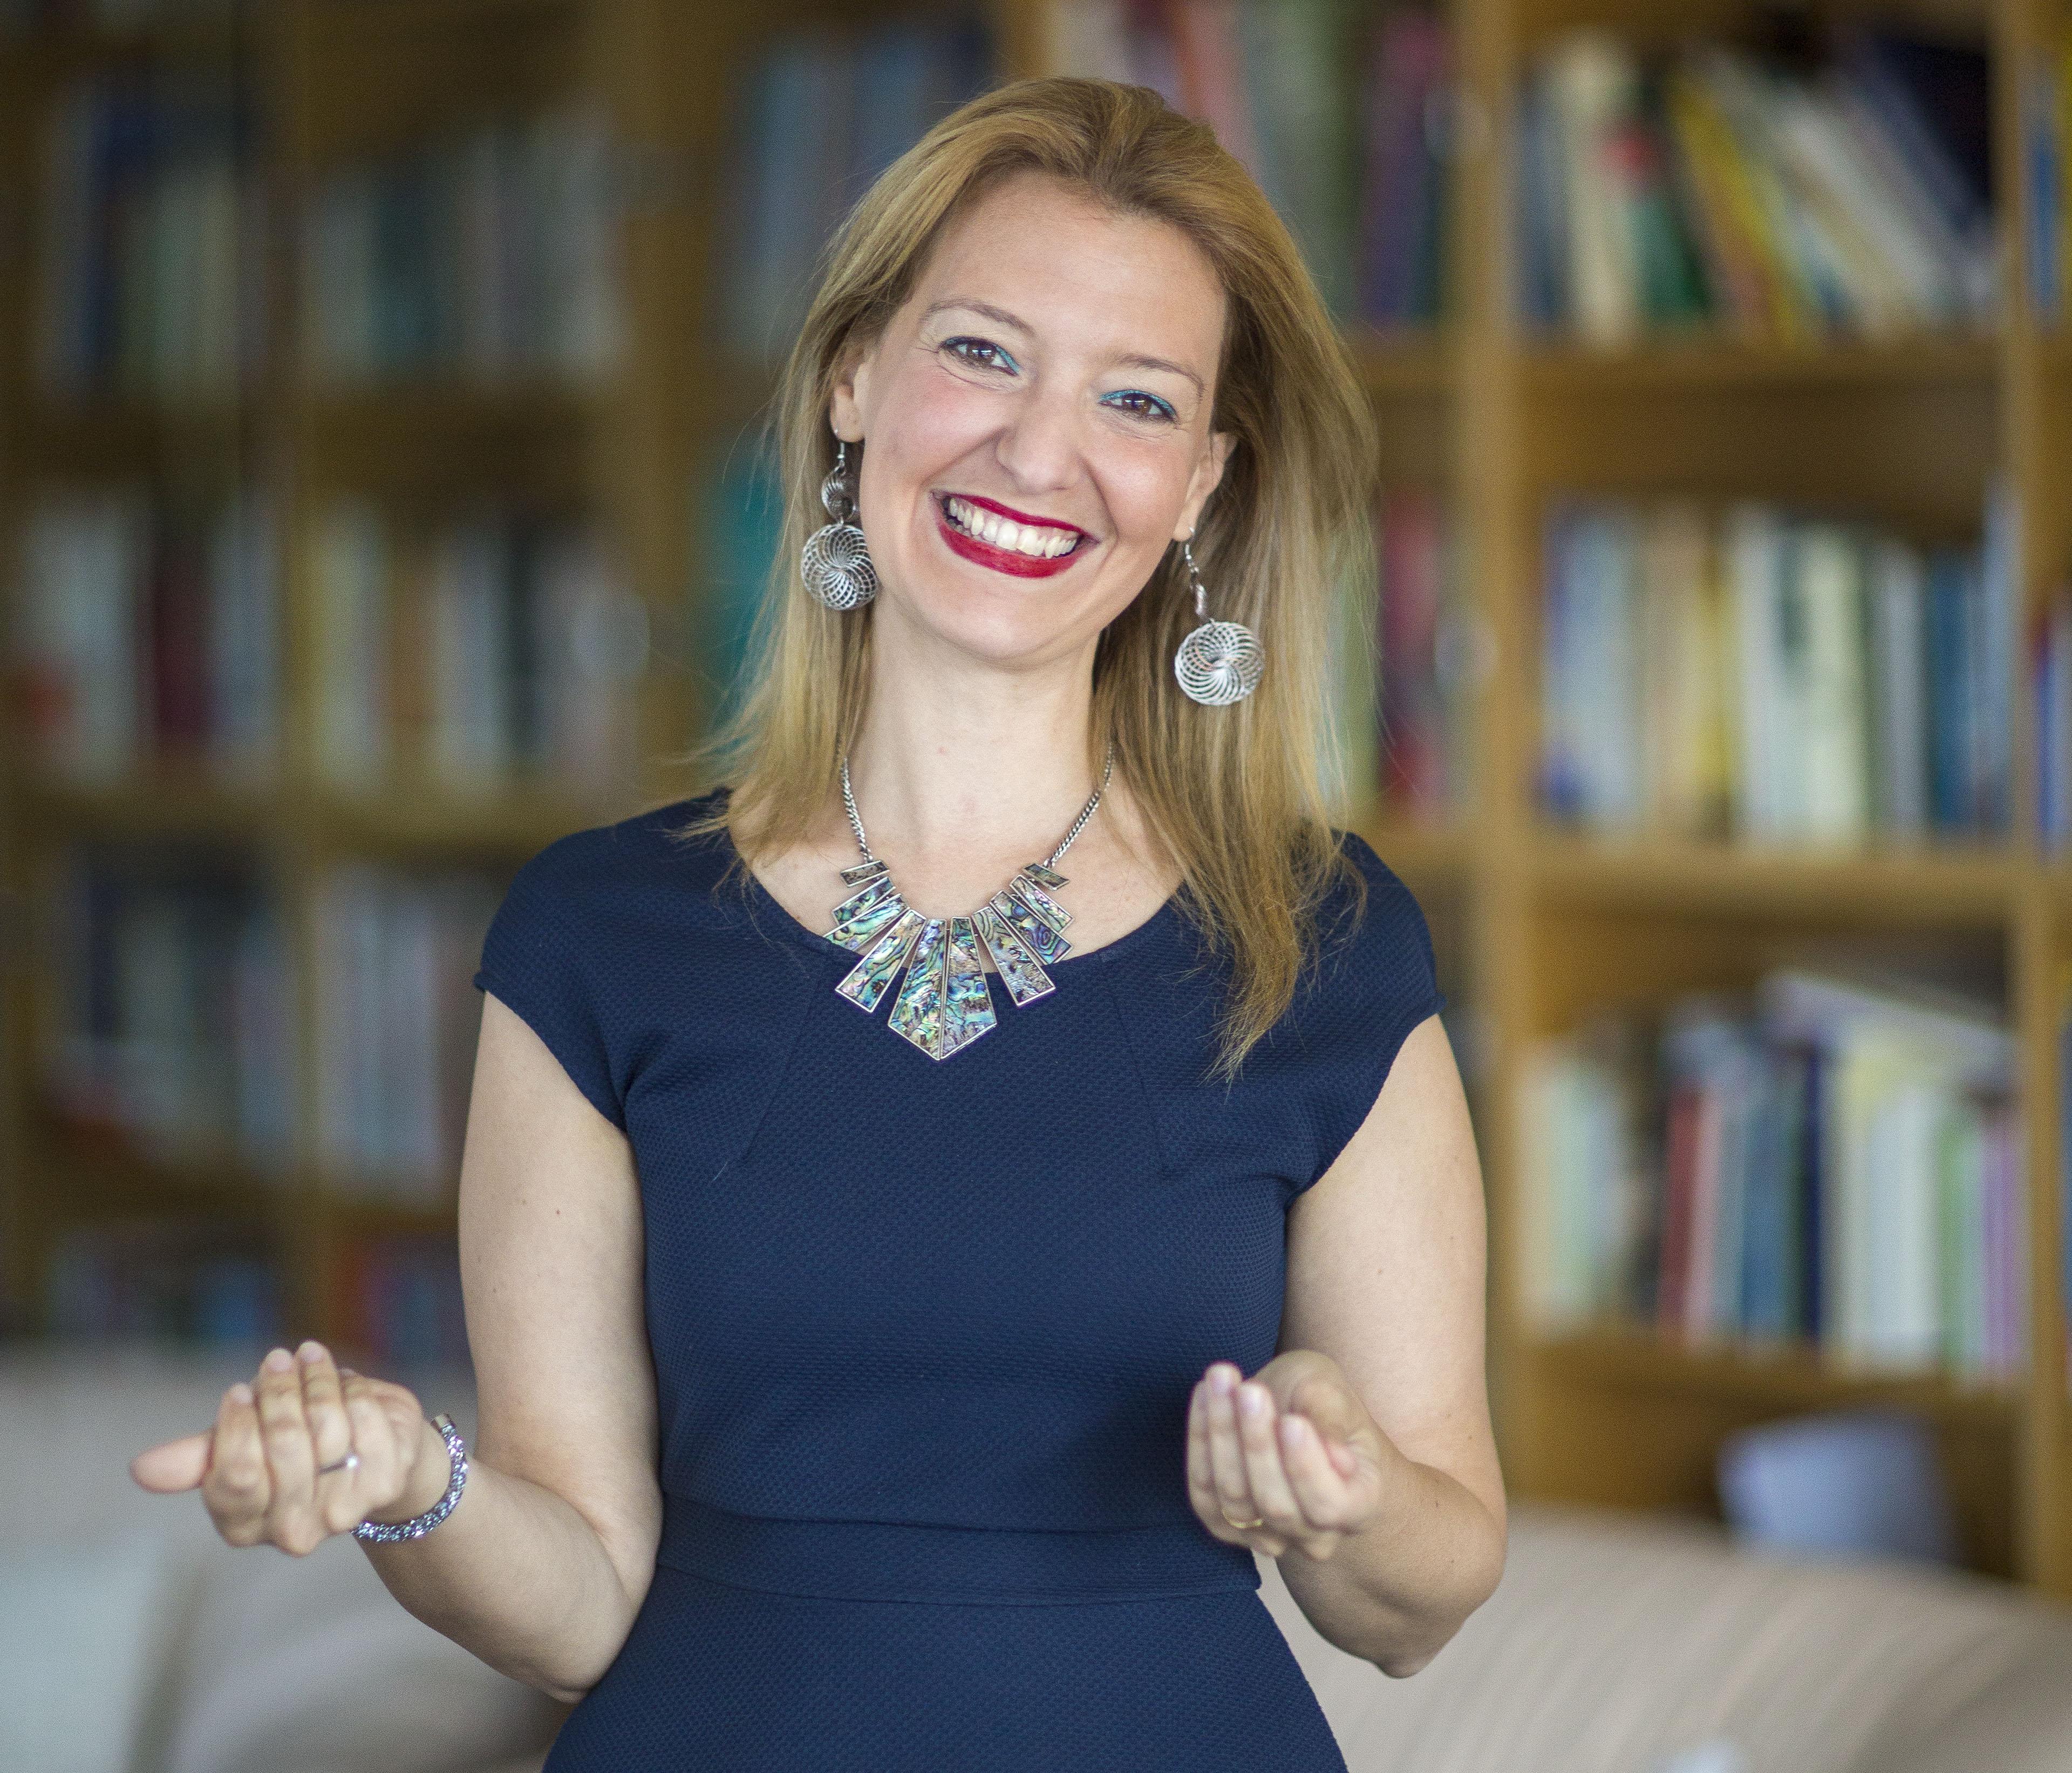 Carla Trigilia